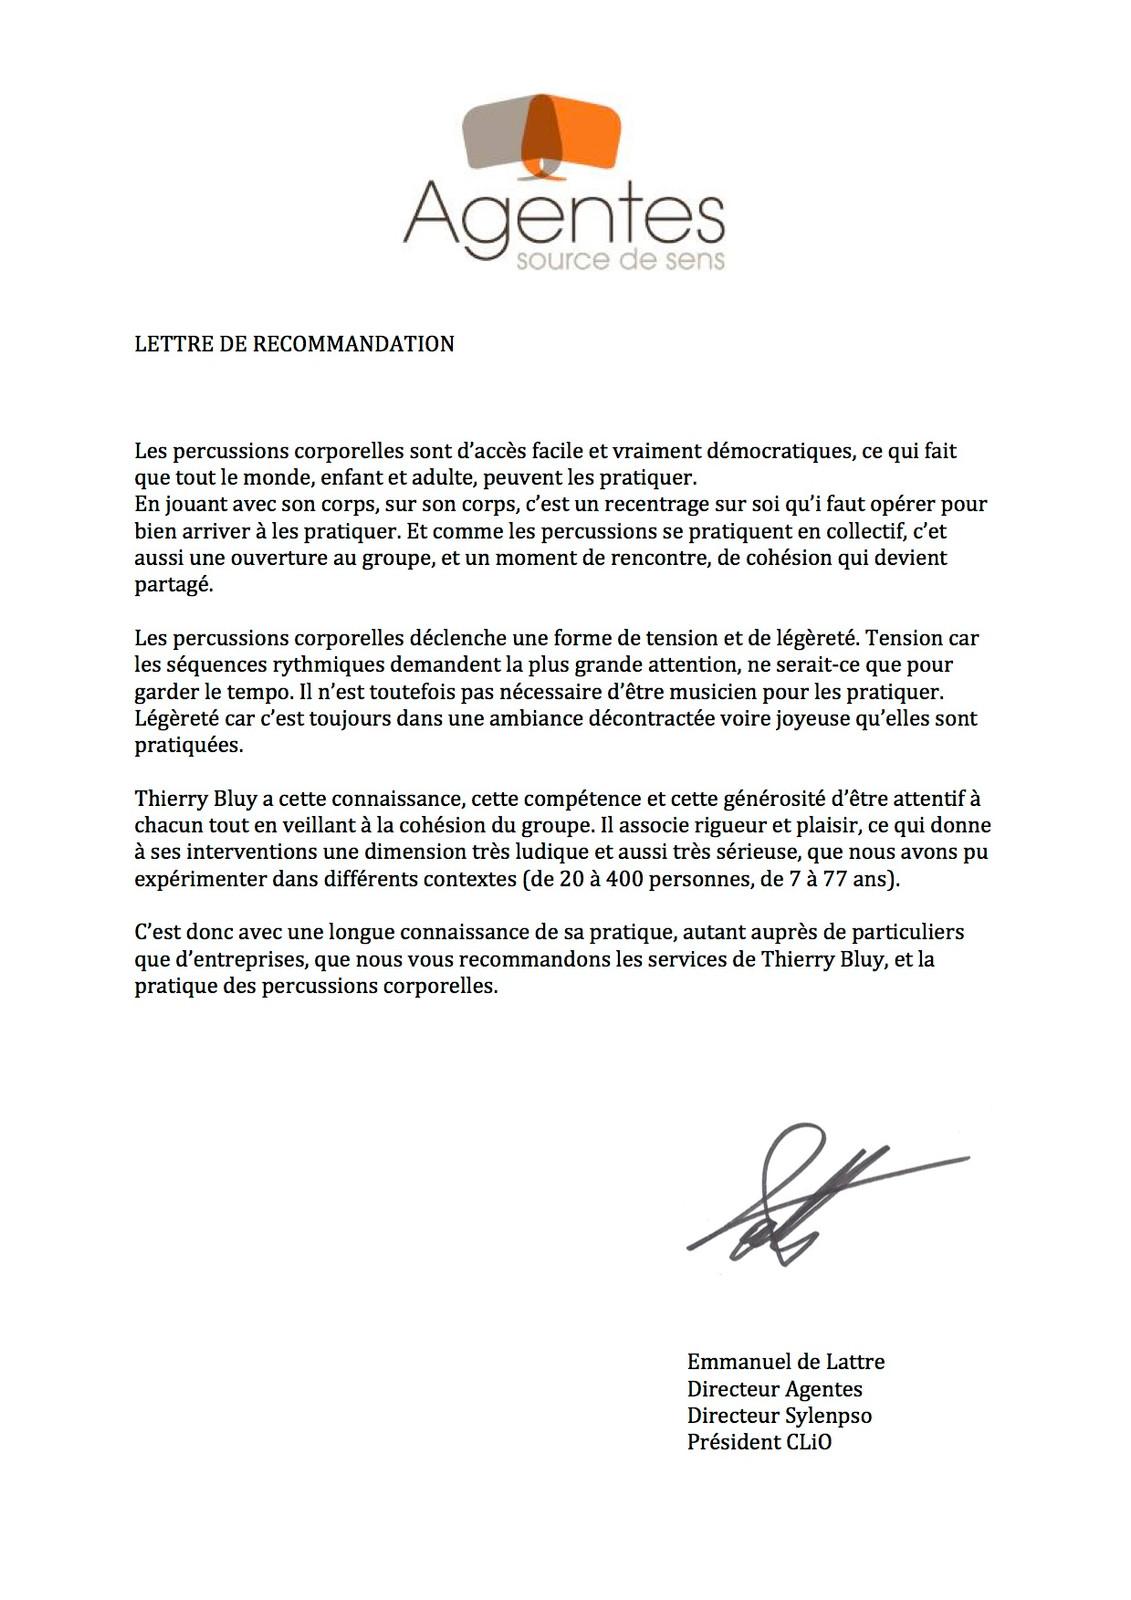 lettre de recommandation agentes